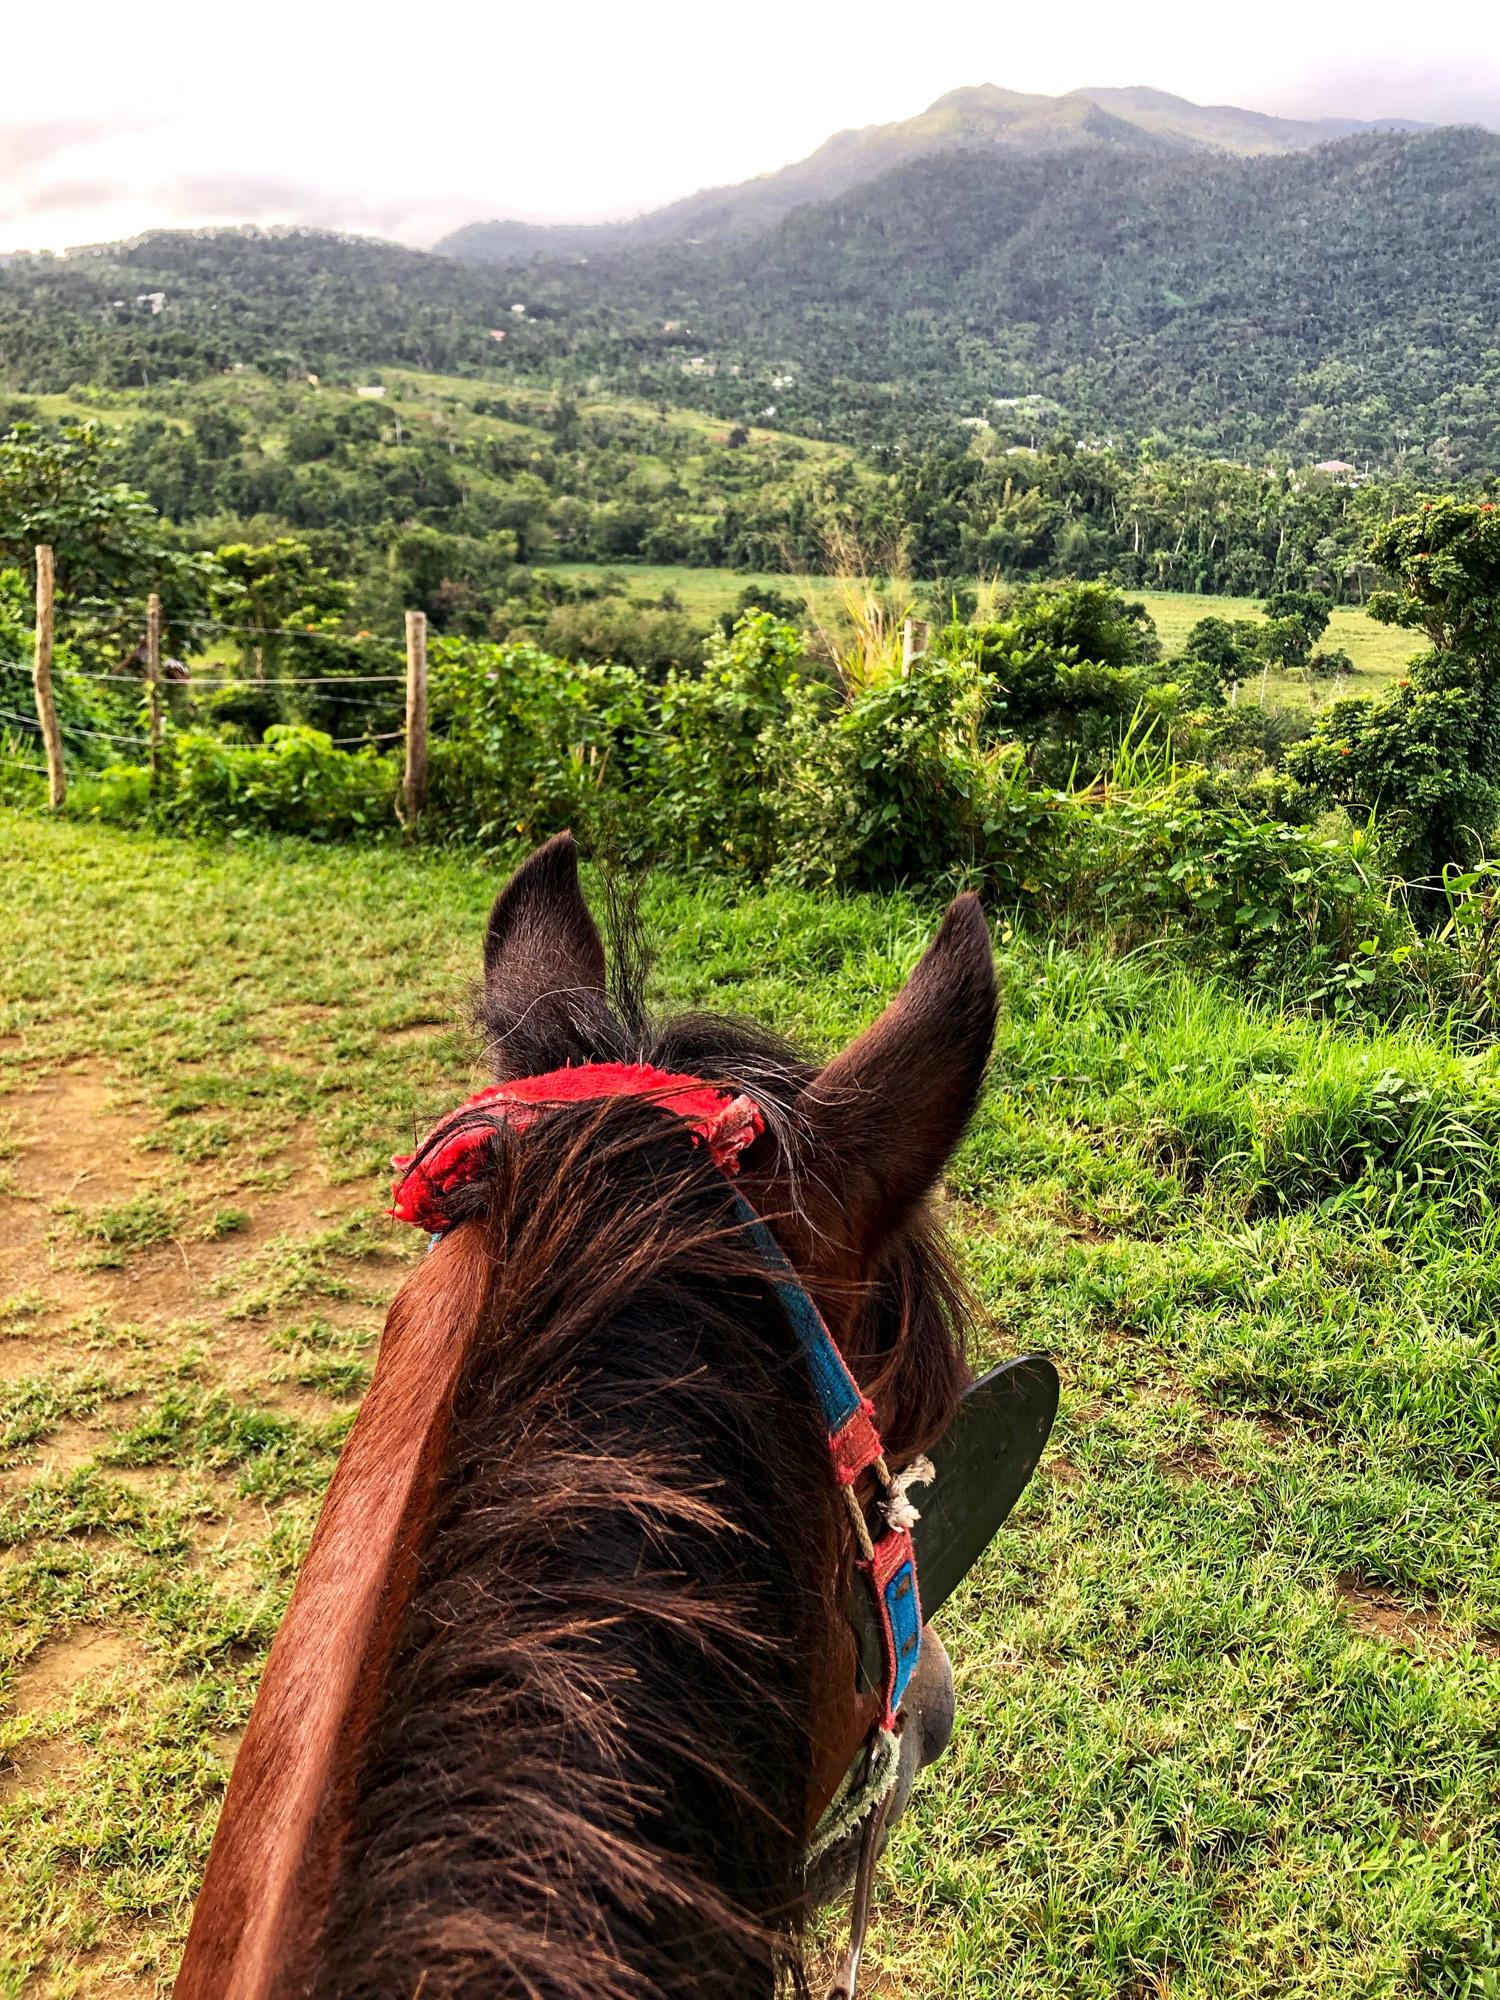 Puerto-Rico-horse-back-riding ▷ Acabo de volver de: San Juan, Puerto Rico